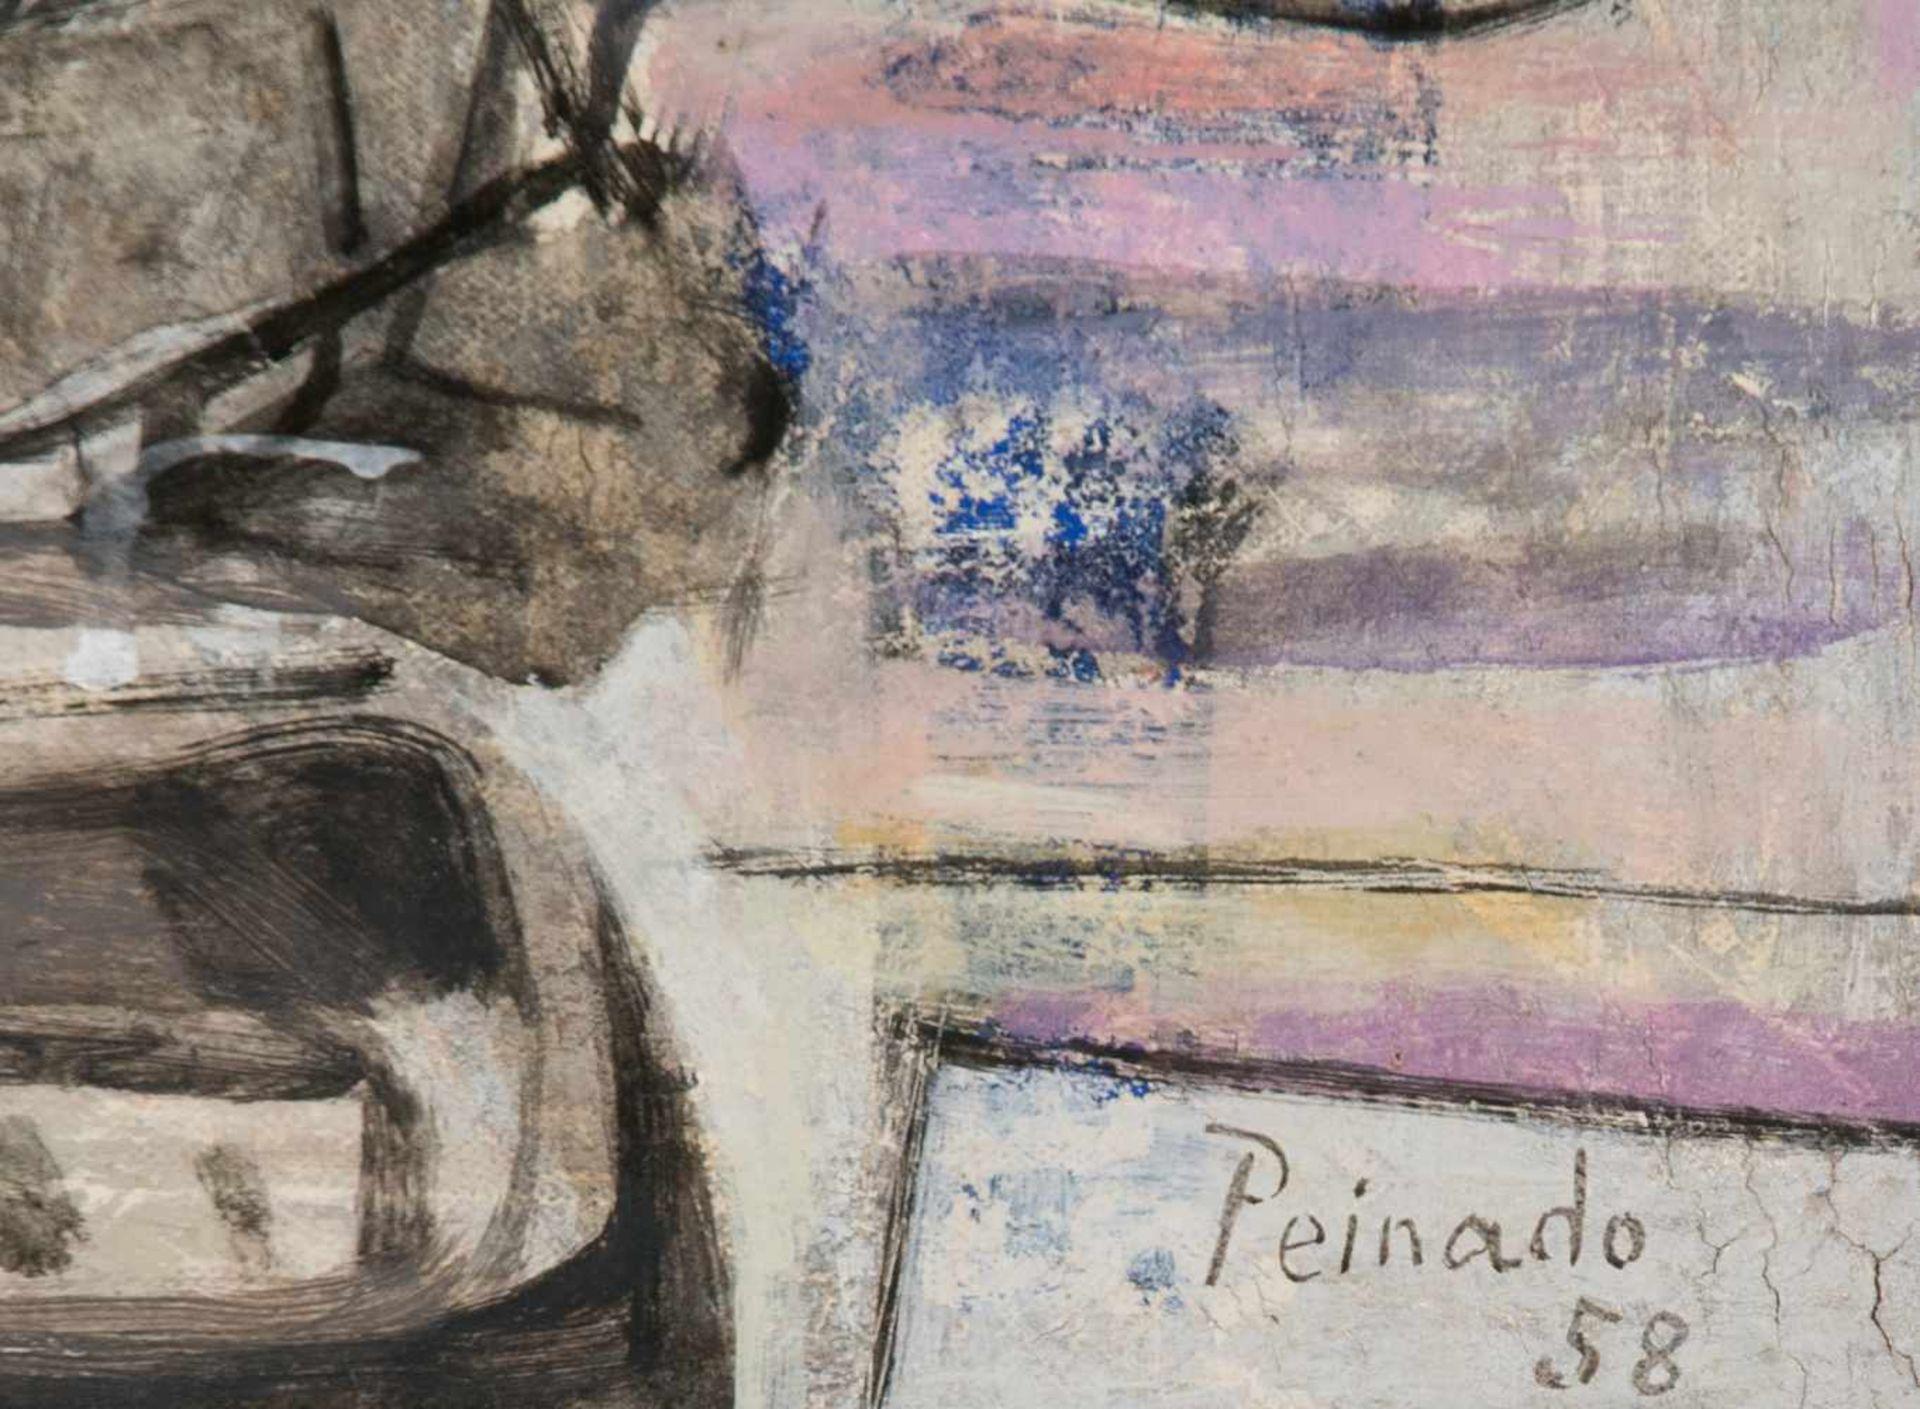 Los 15 - Joaquín Peinado (Ronda, Málaga, 1898 - París, 1975)